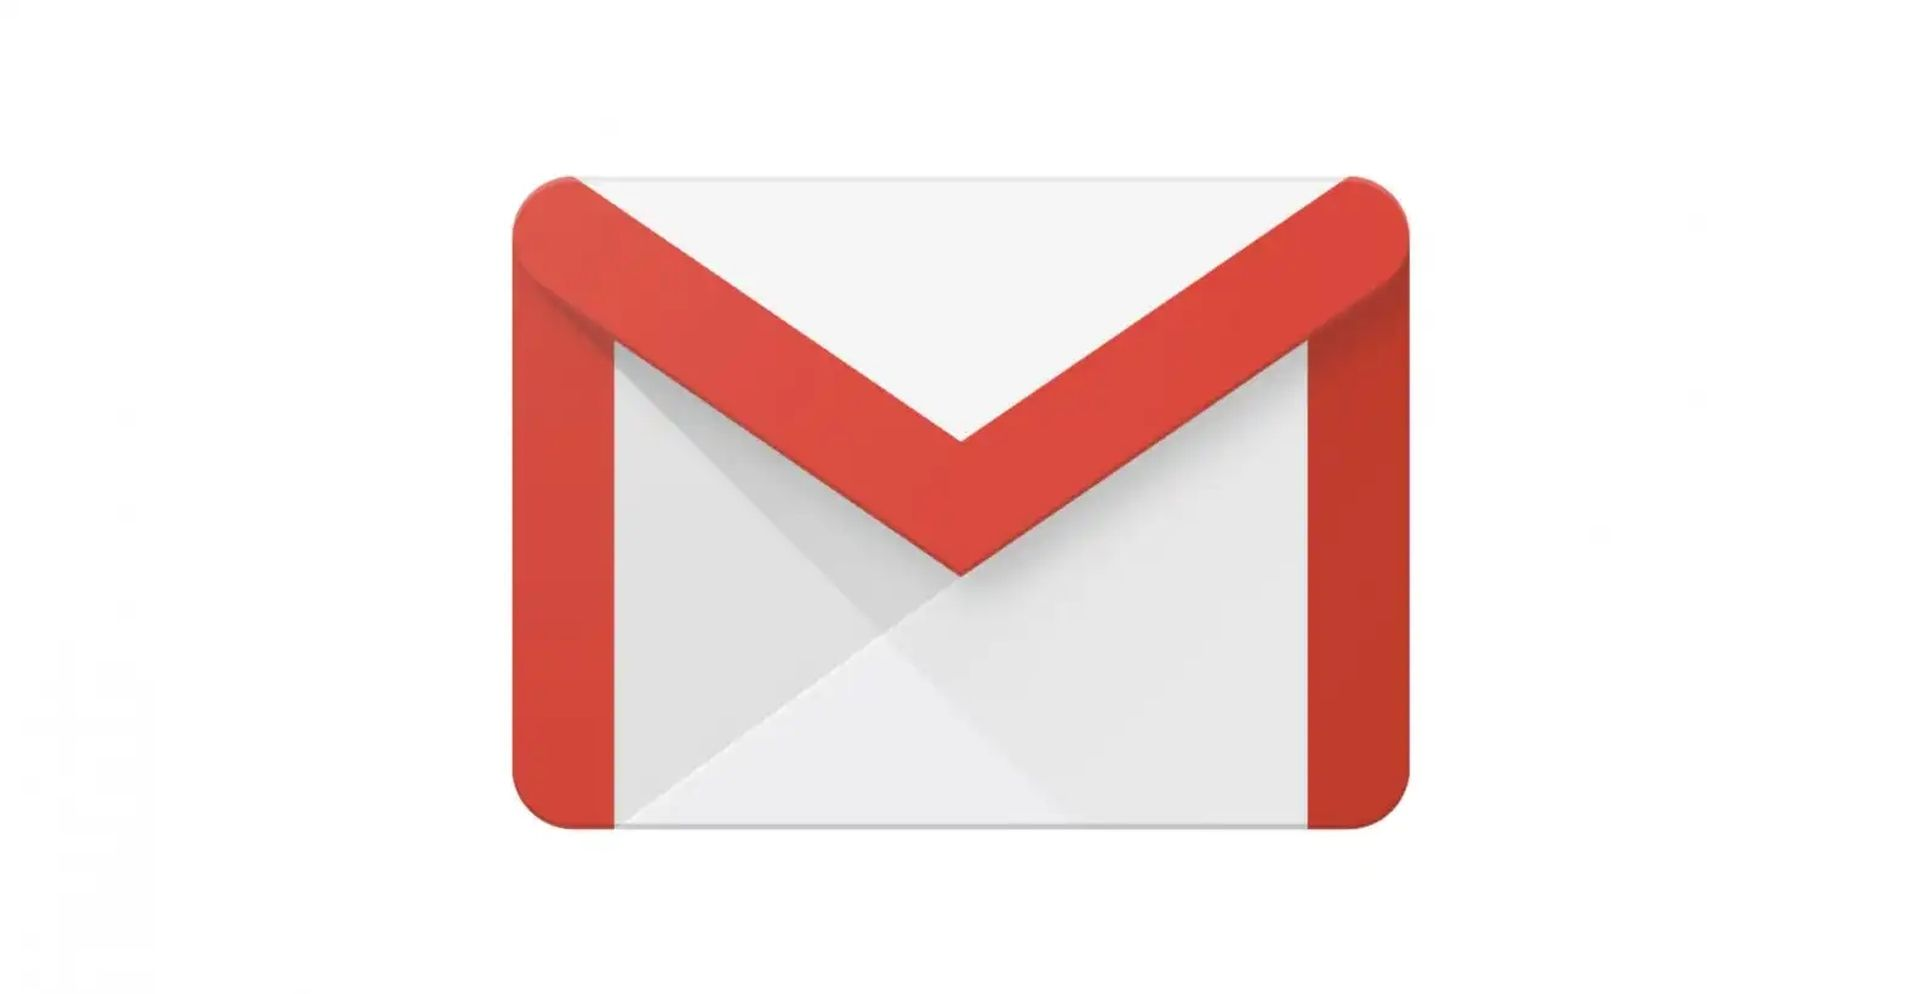 Aplikacja Gmail dla systemu iPadOS wspiera funkcję Split View